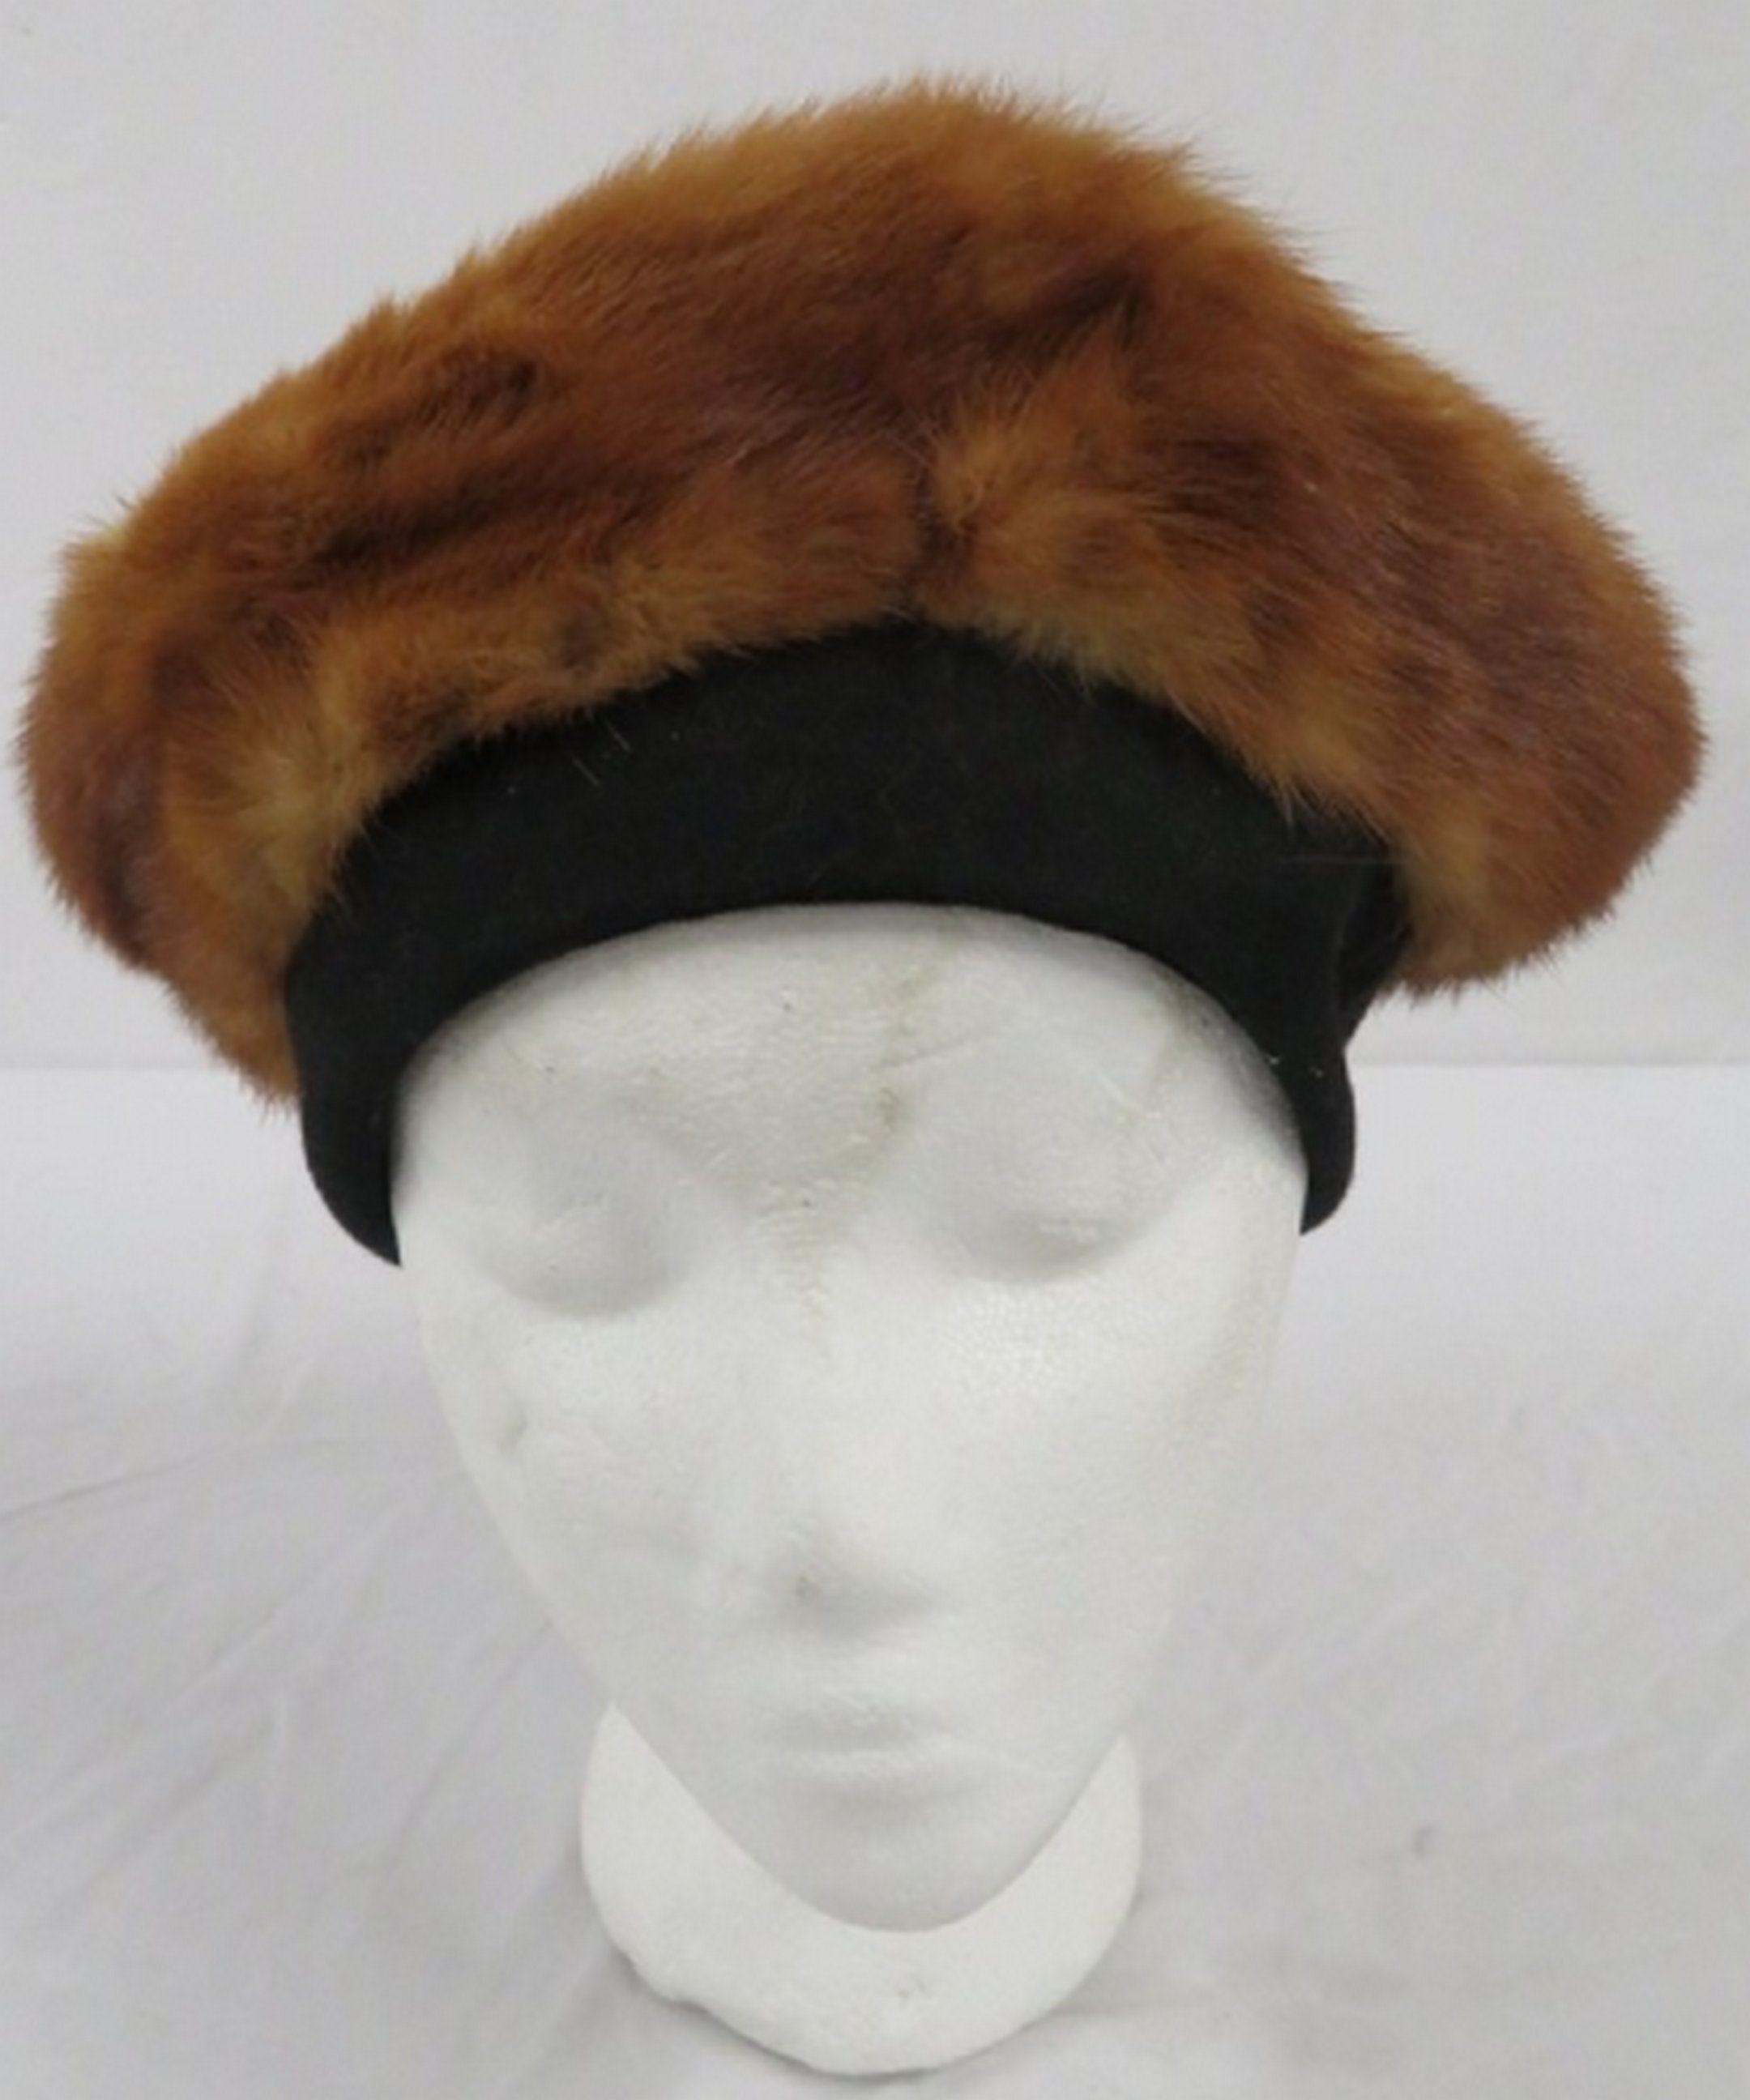 c750e9a5a Mae Melin Mink Fur Hat, Unique Vintage Women's Warm Winter Reuse ...